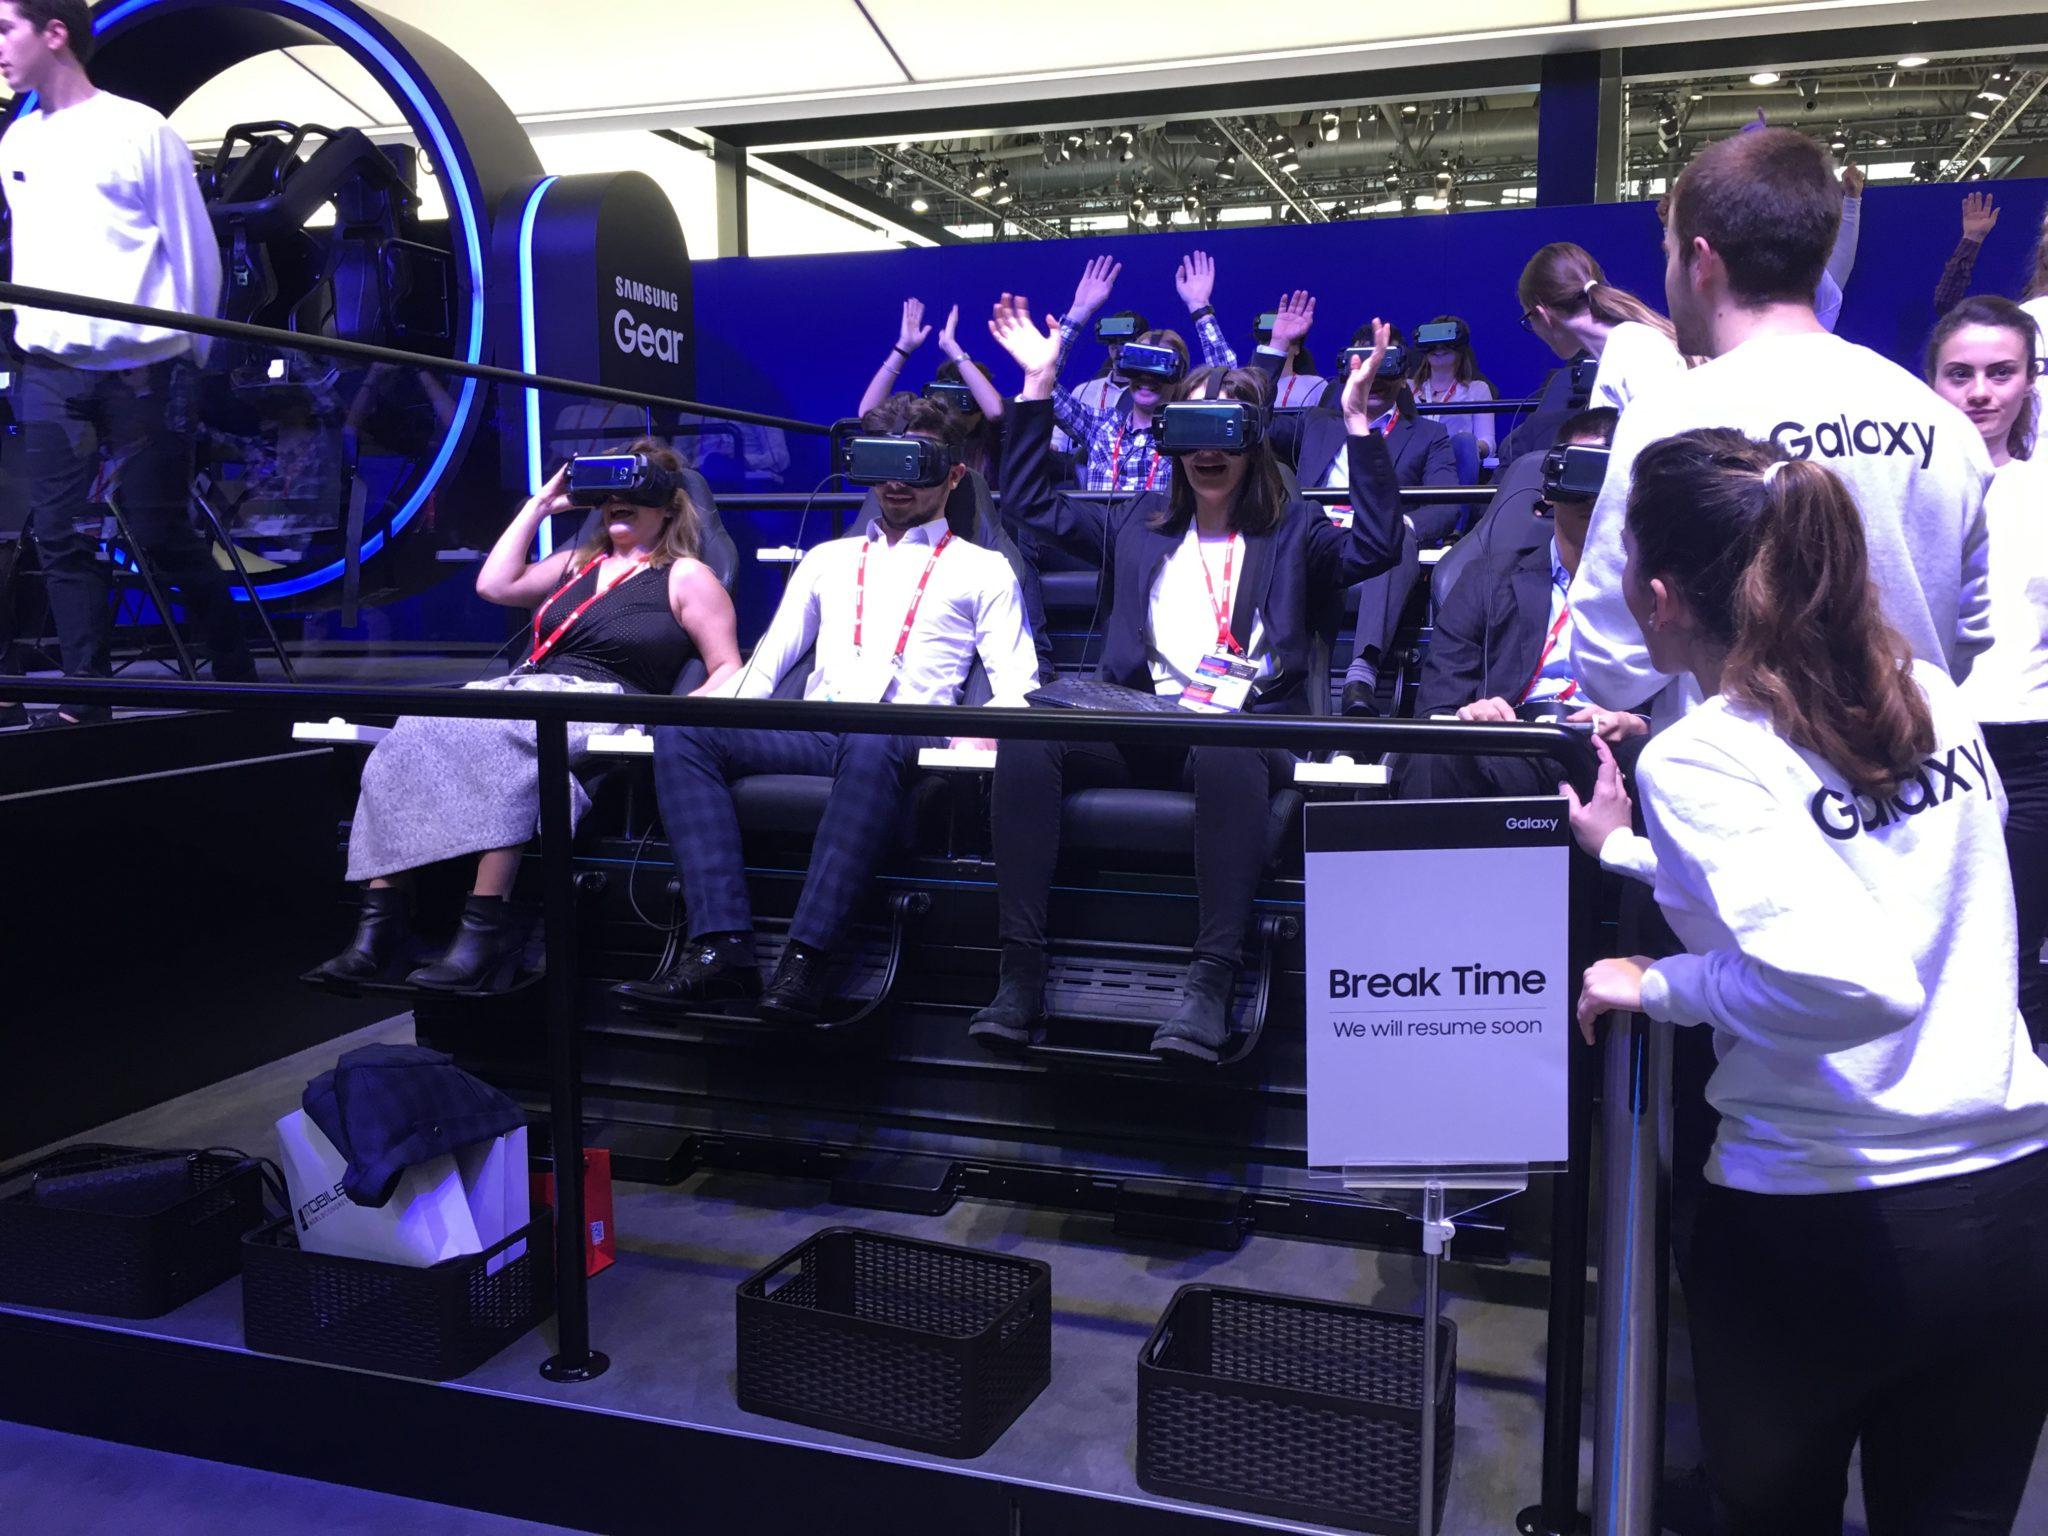 Ludzie siedzący na fotelach z okularami VR